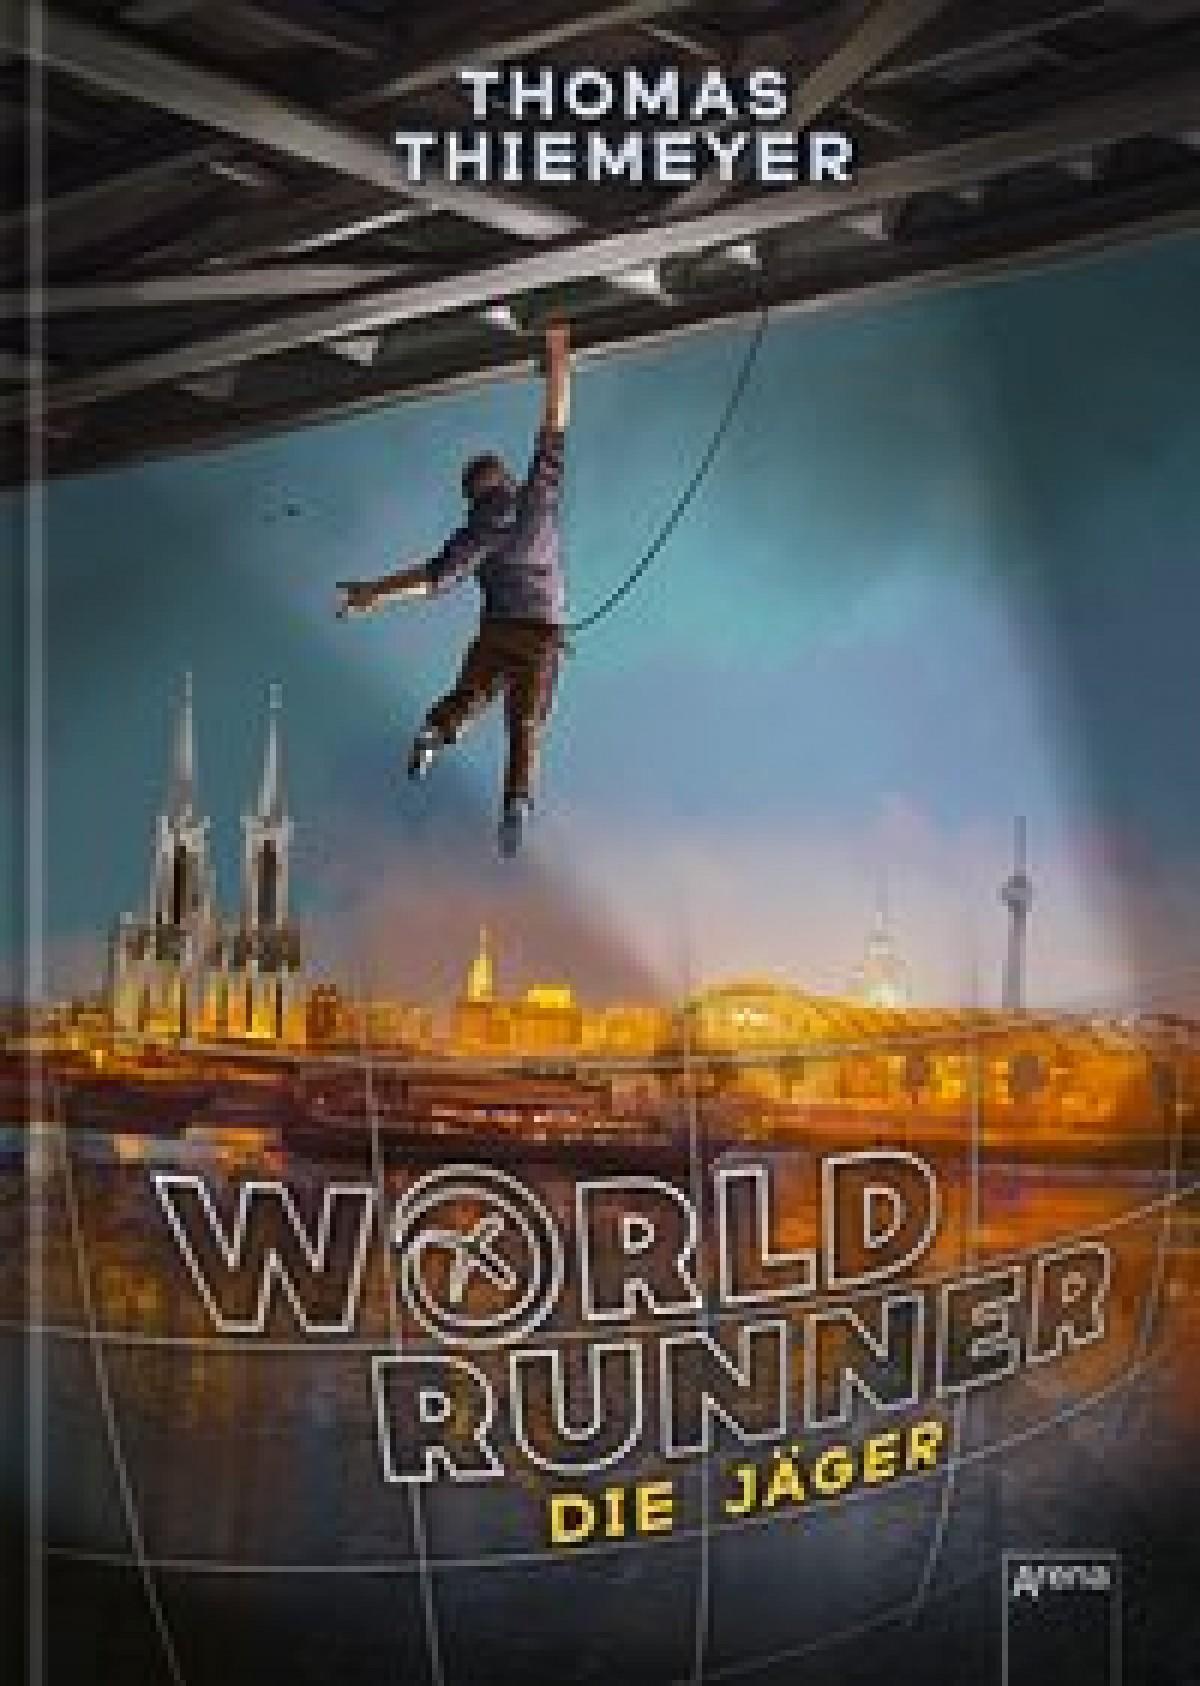 Buch Thomas Thiemeyer, Worldrunner